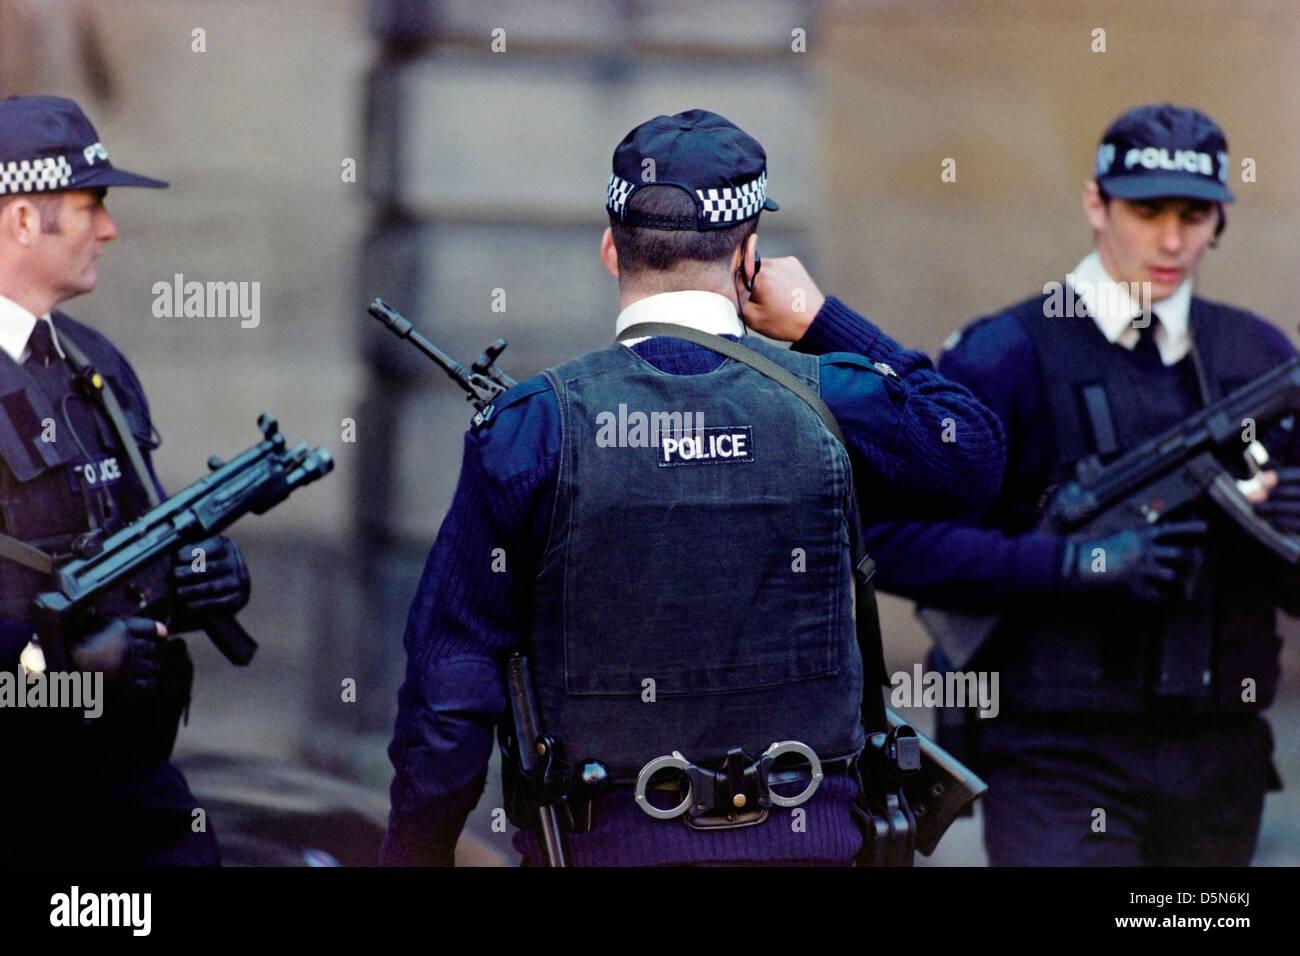 Policías armados desplegados en las afueras de El Alto Tribunal en Edimburgo, Escocia. Imagen De Stock